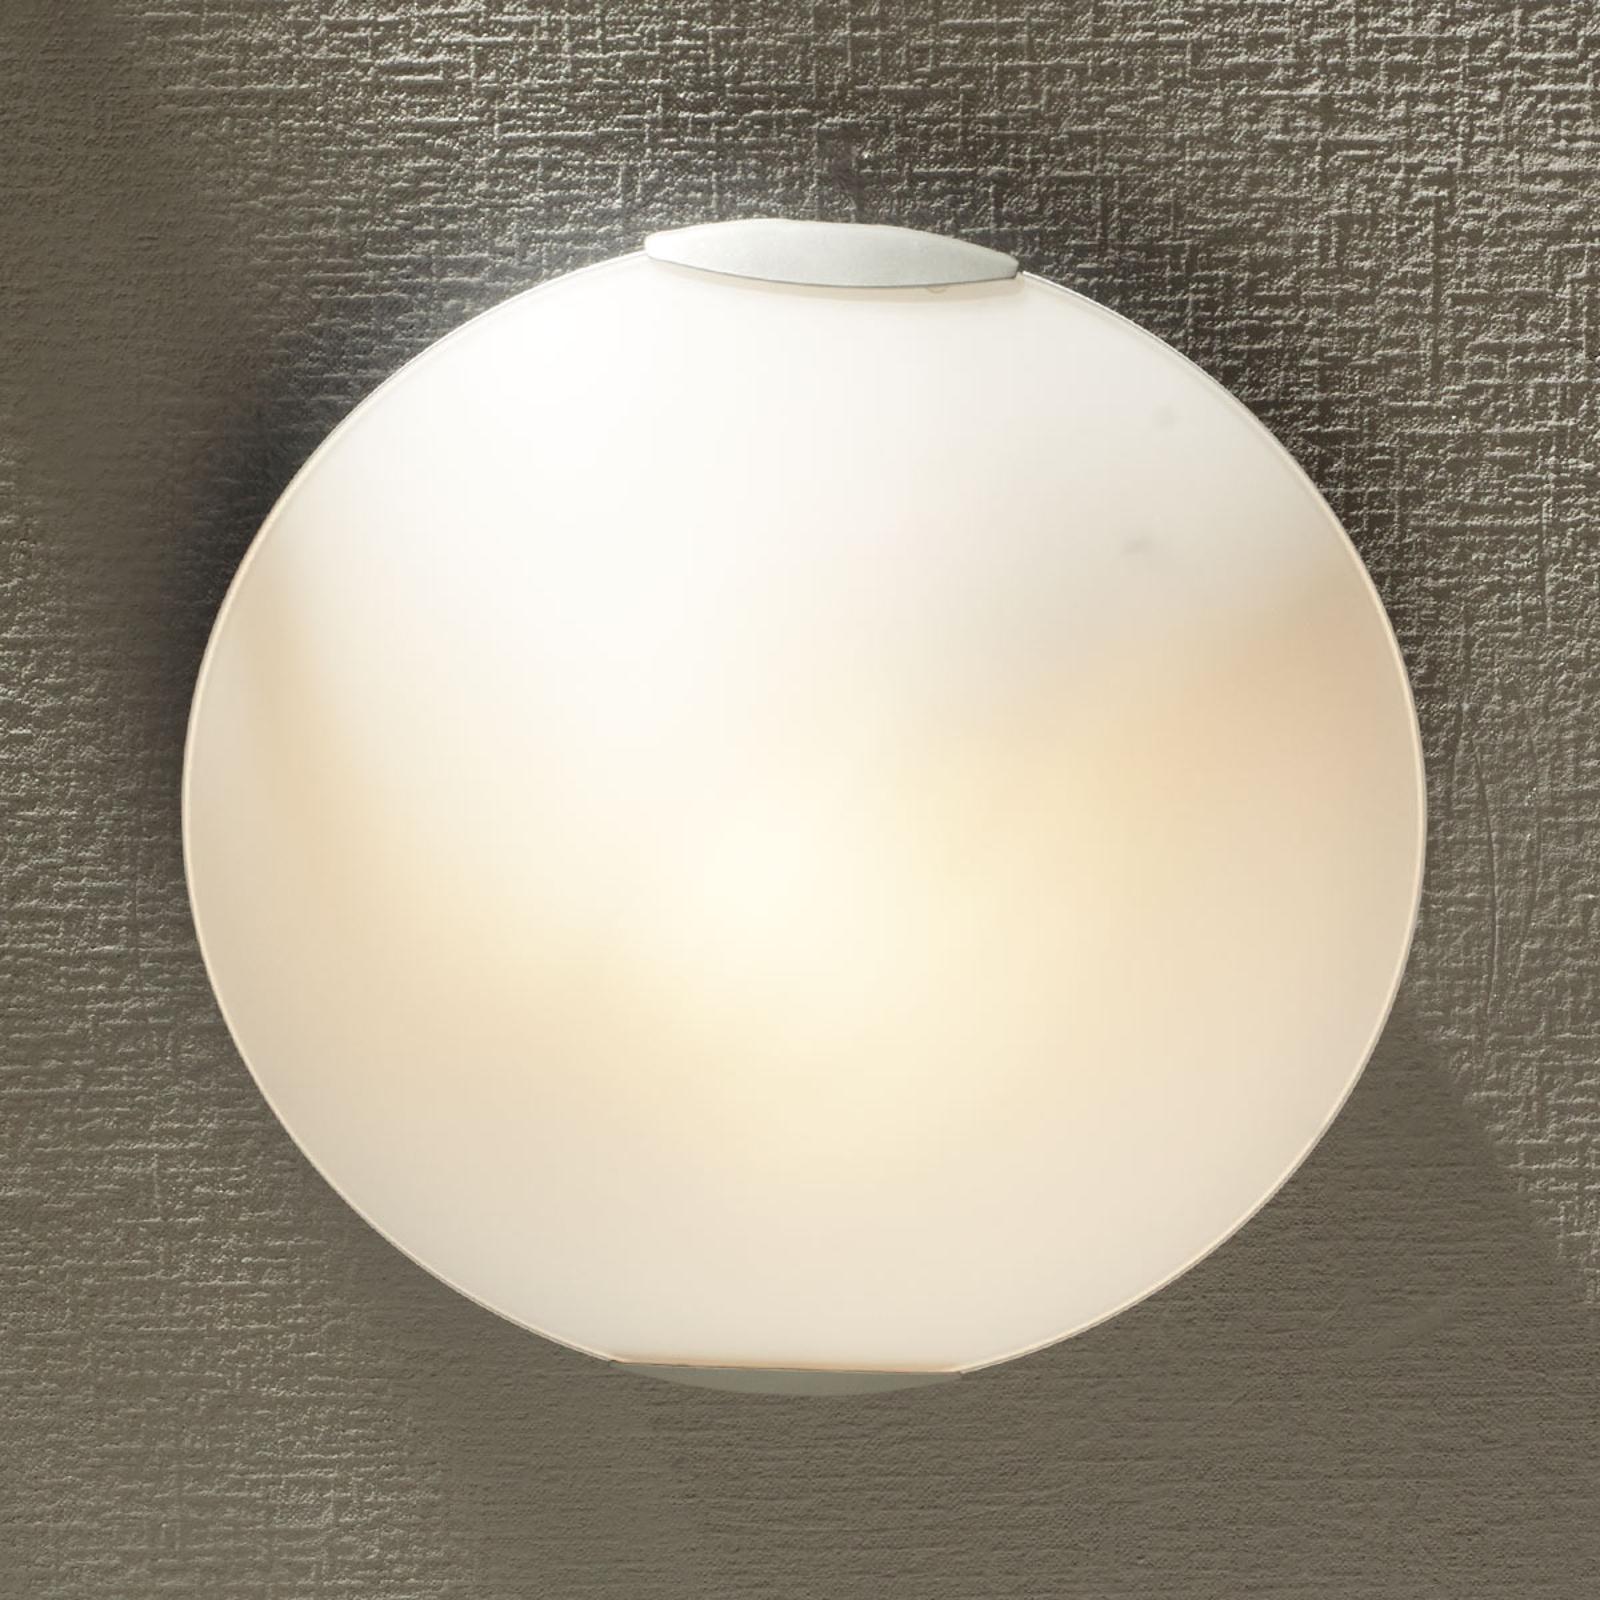 Fox - timeless ceiling light_3501154_1